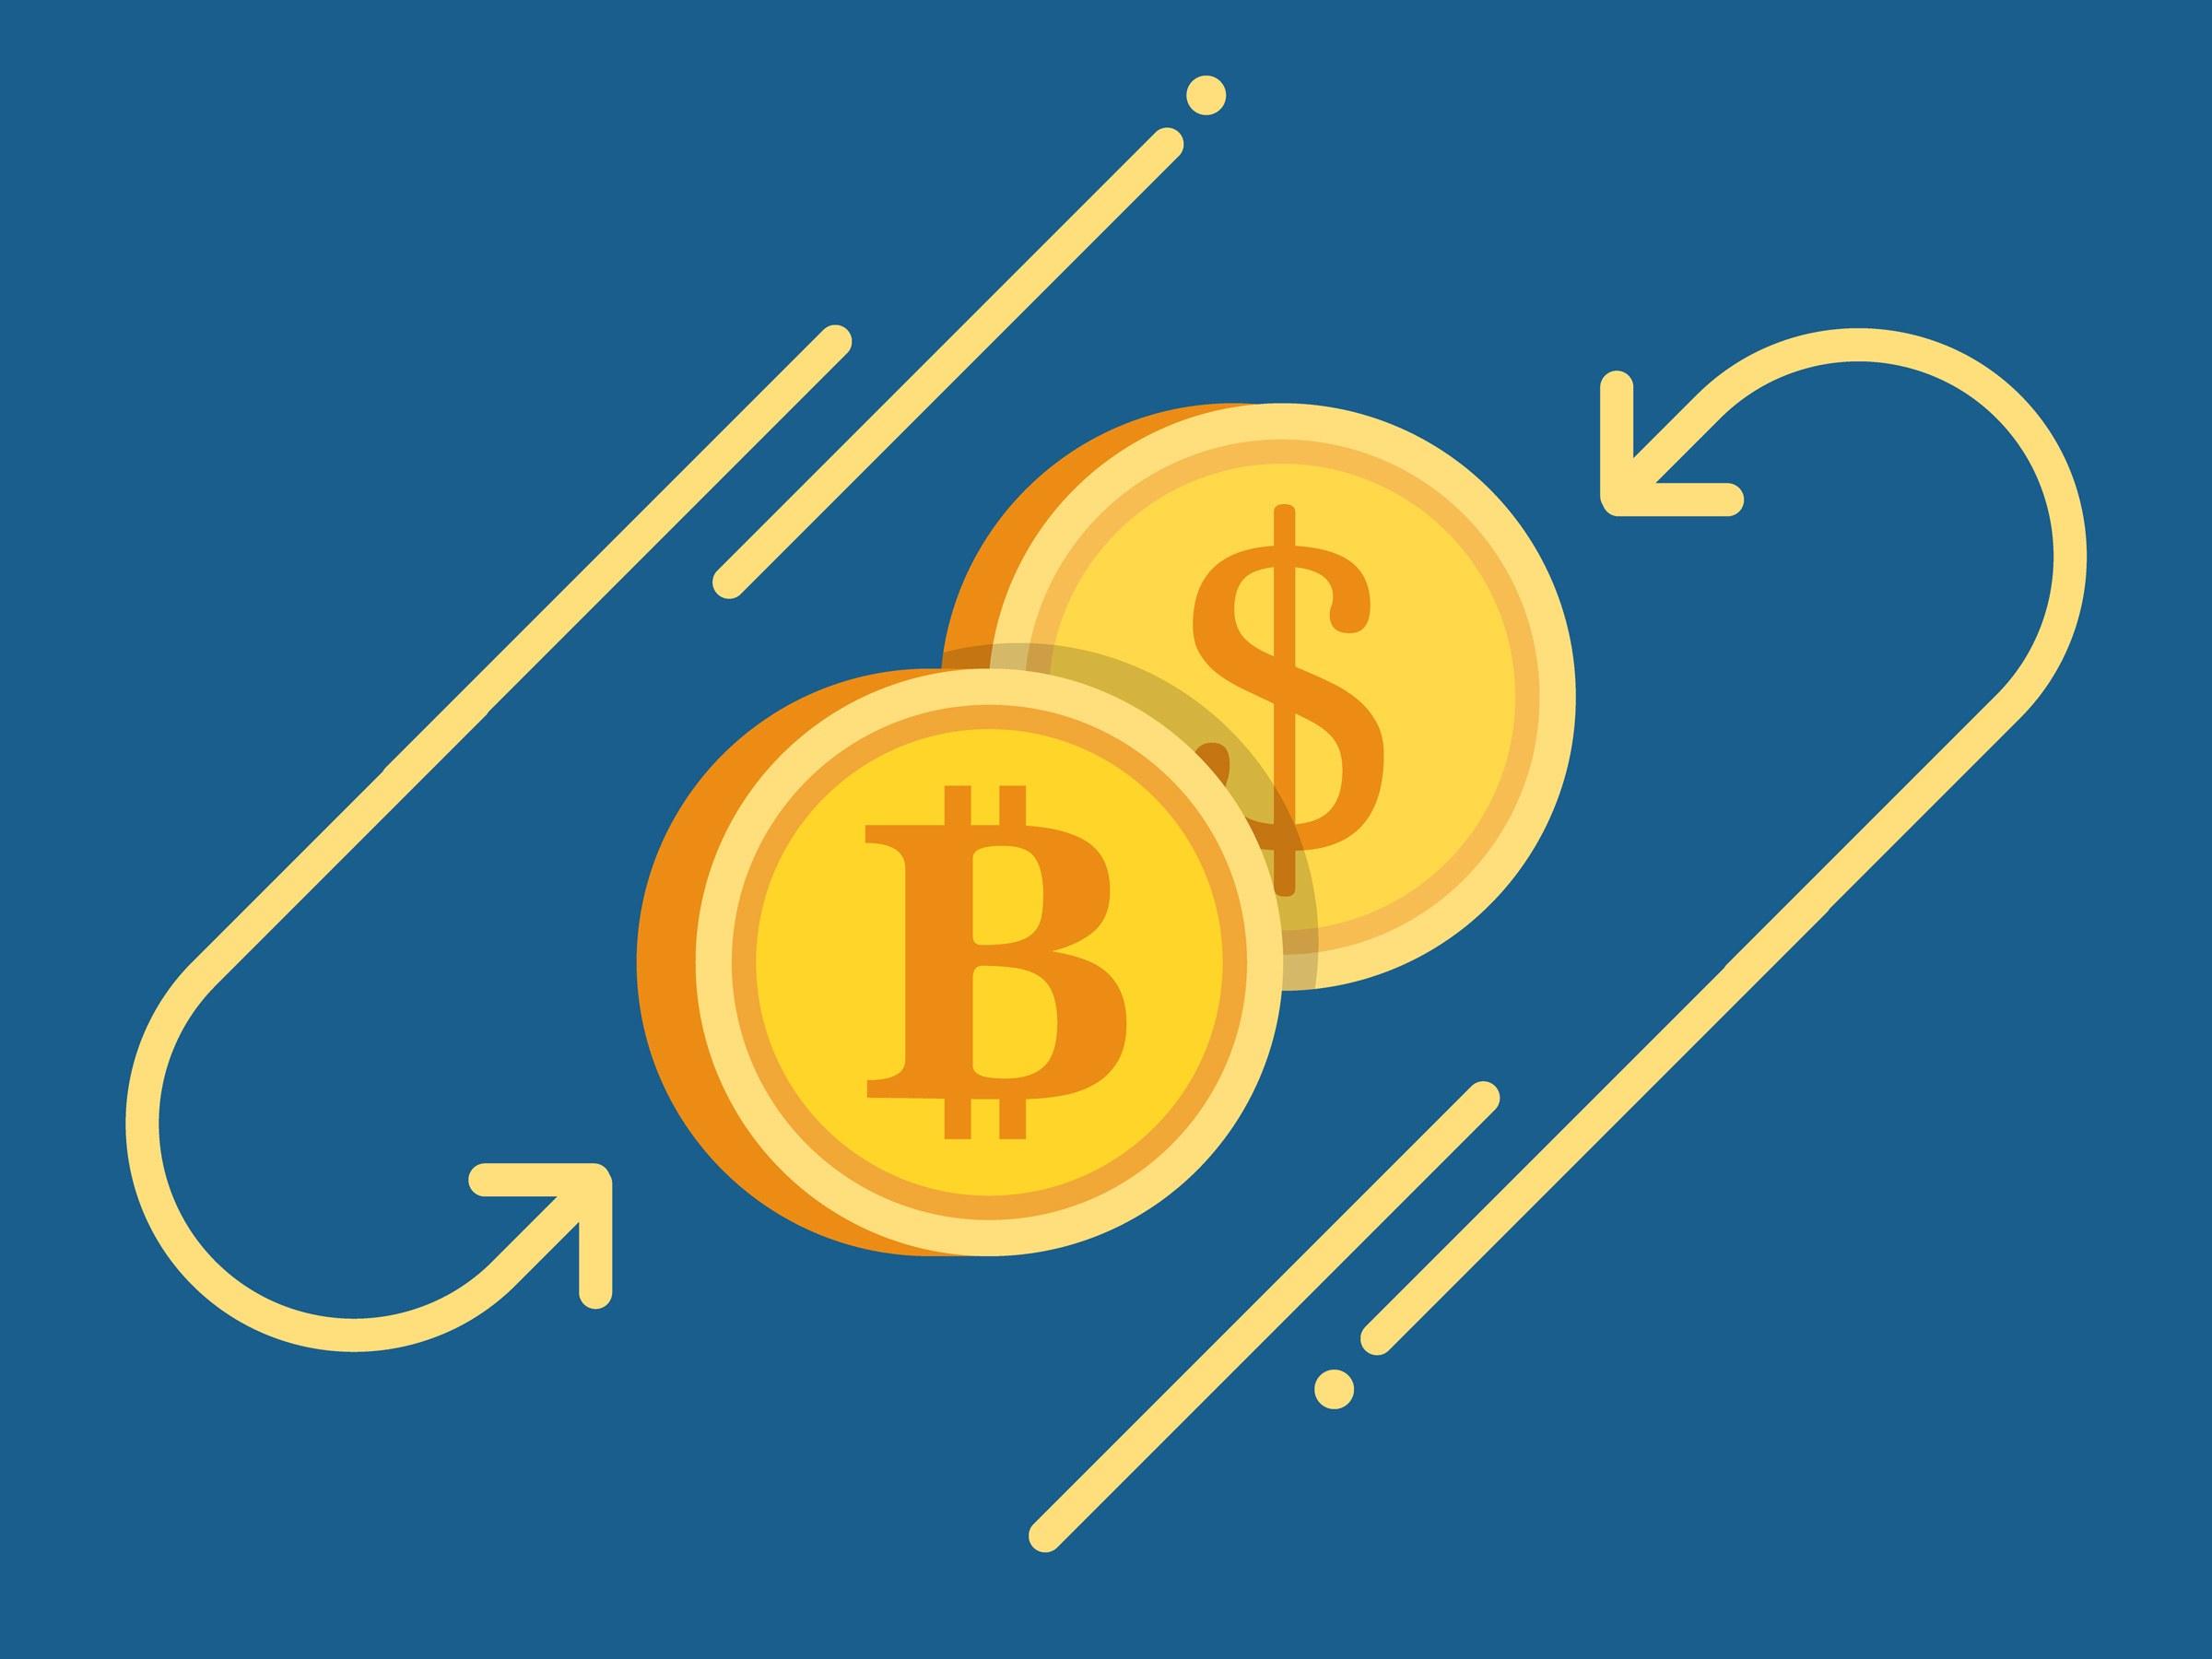 La moneta digitale attira sempre più attenzioni, e in maniera trasversale: coinvolge studiosi di online trading, investitori alle prime armi, governi e banche centrali.